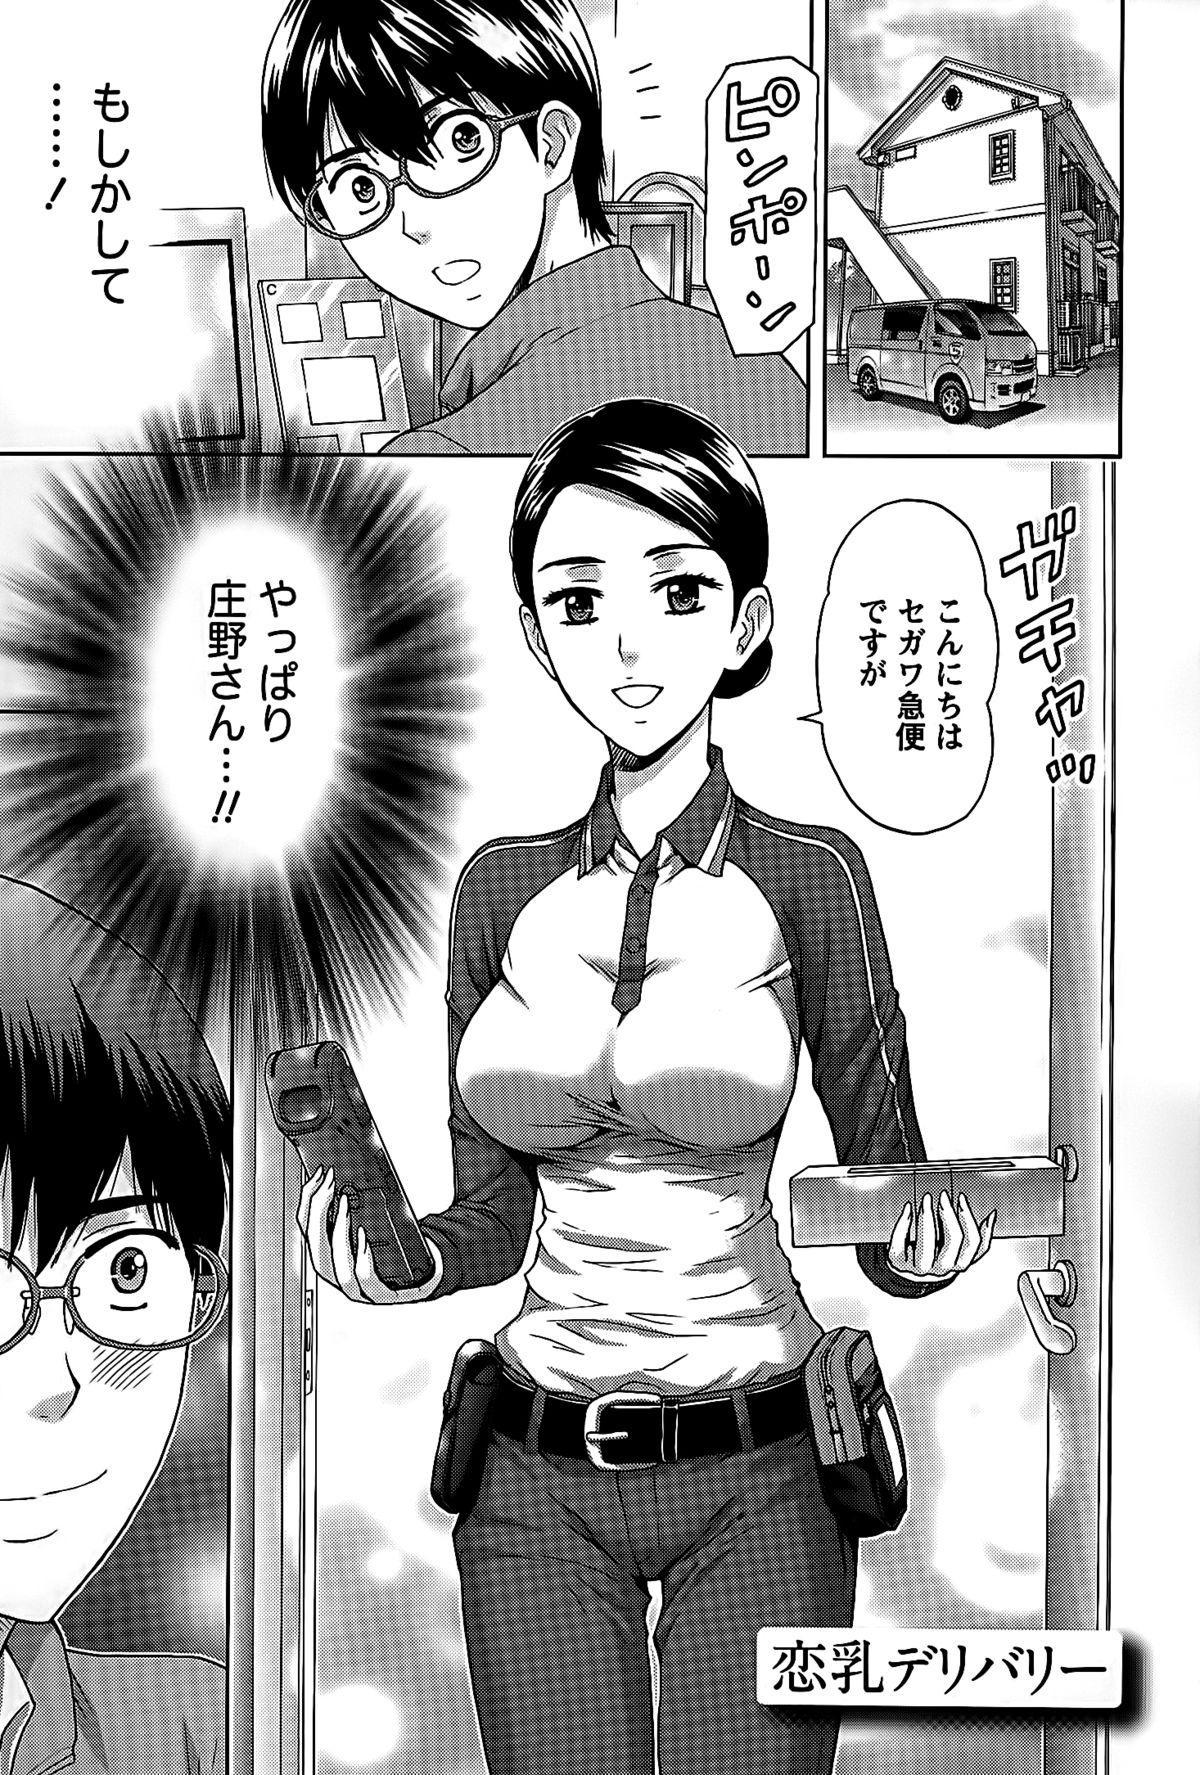 Shittori Lady to Amai Mitsu 46